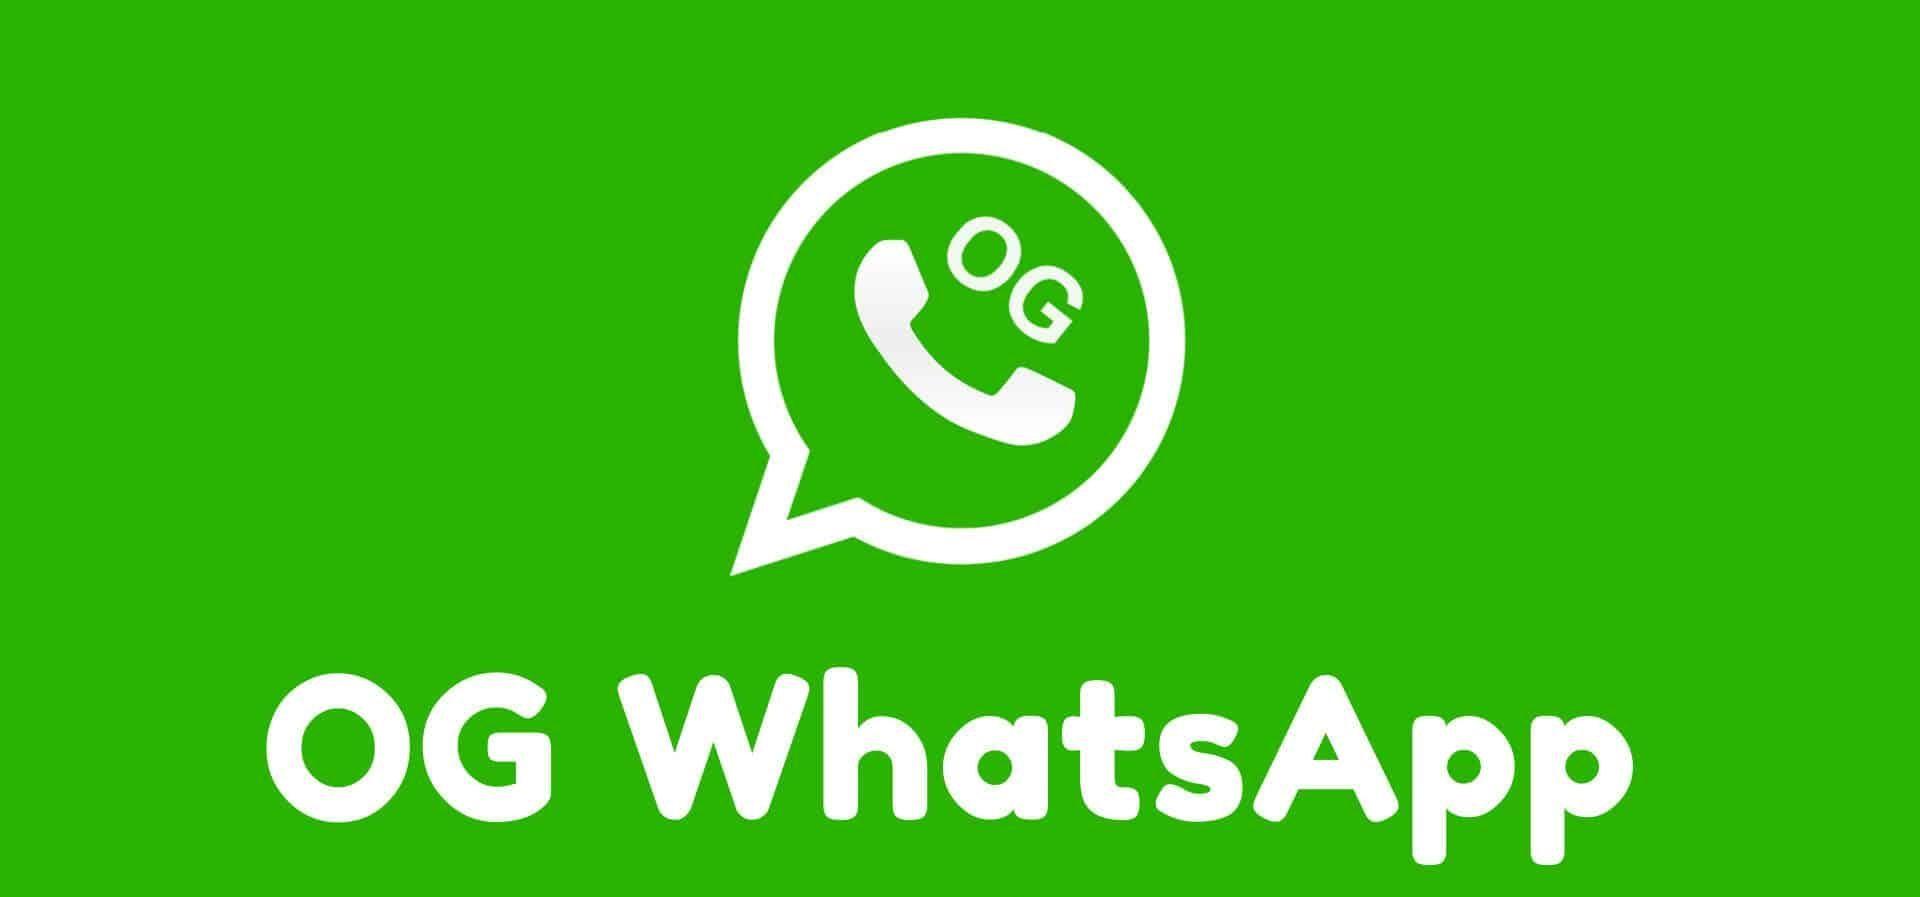 Aplikasi ogWhatsApp